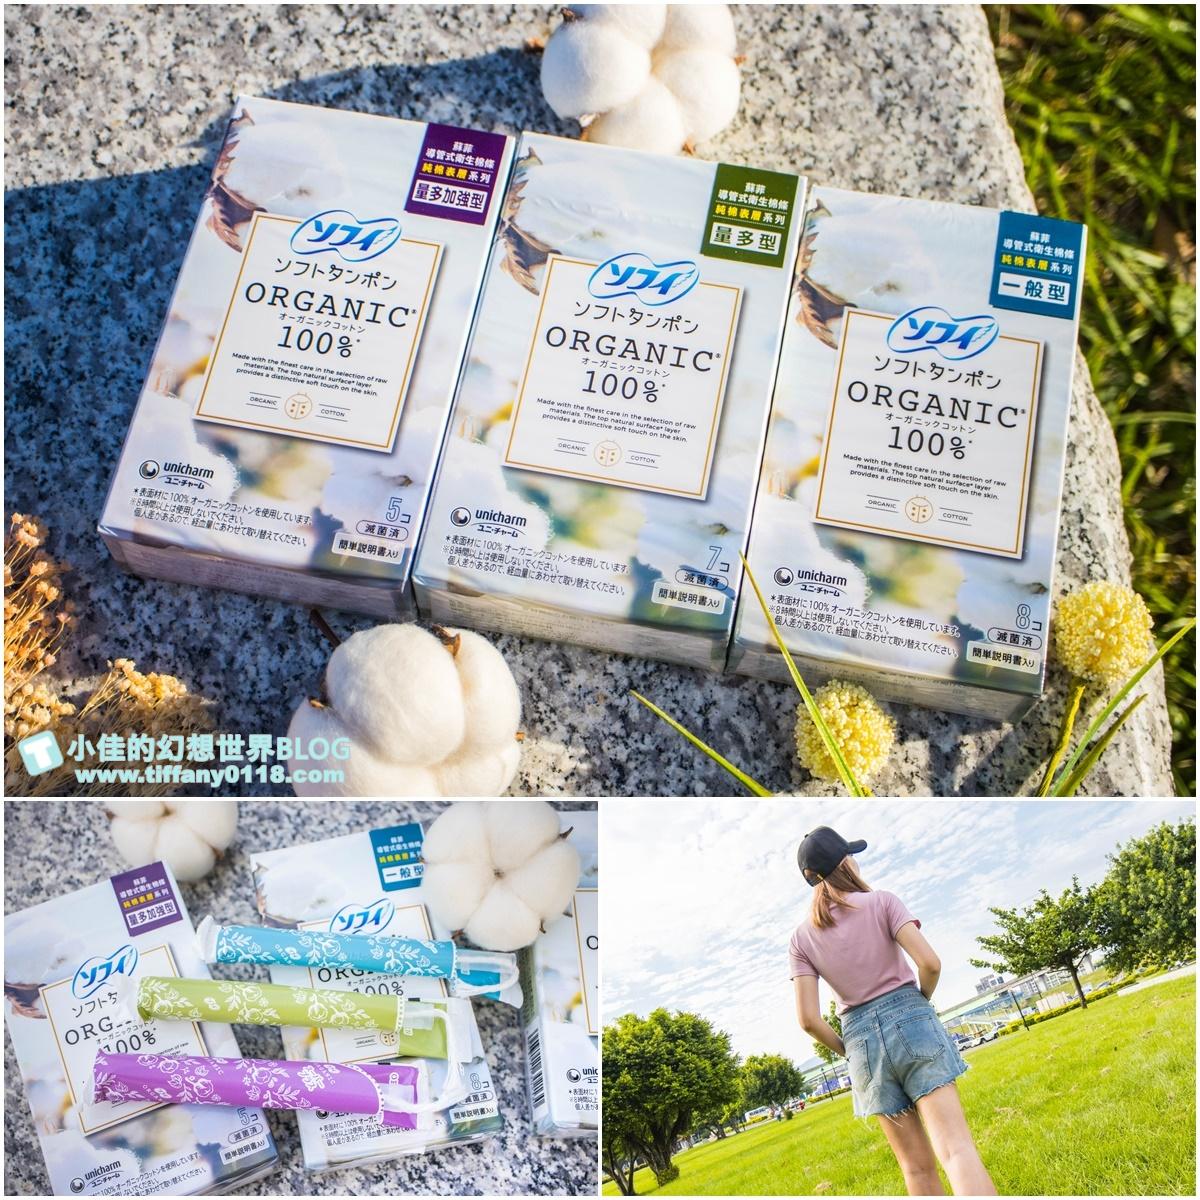 [棉條推薦]蘇菲導管式衛生棉條有機純棉表層系列/關於棉條,蘇菲是妳天然安心的最佳選擇